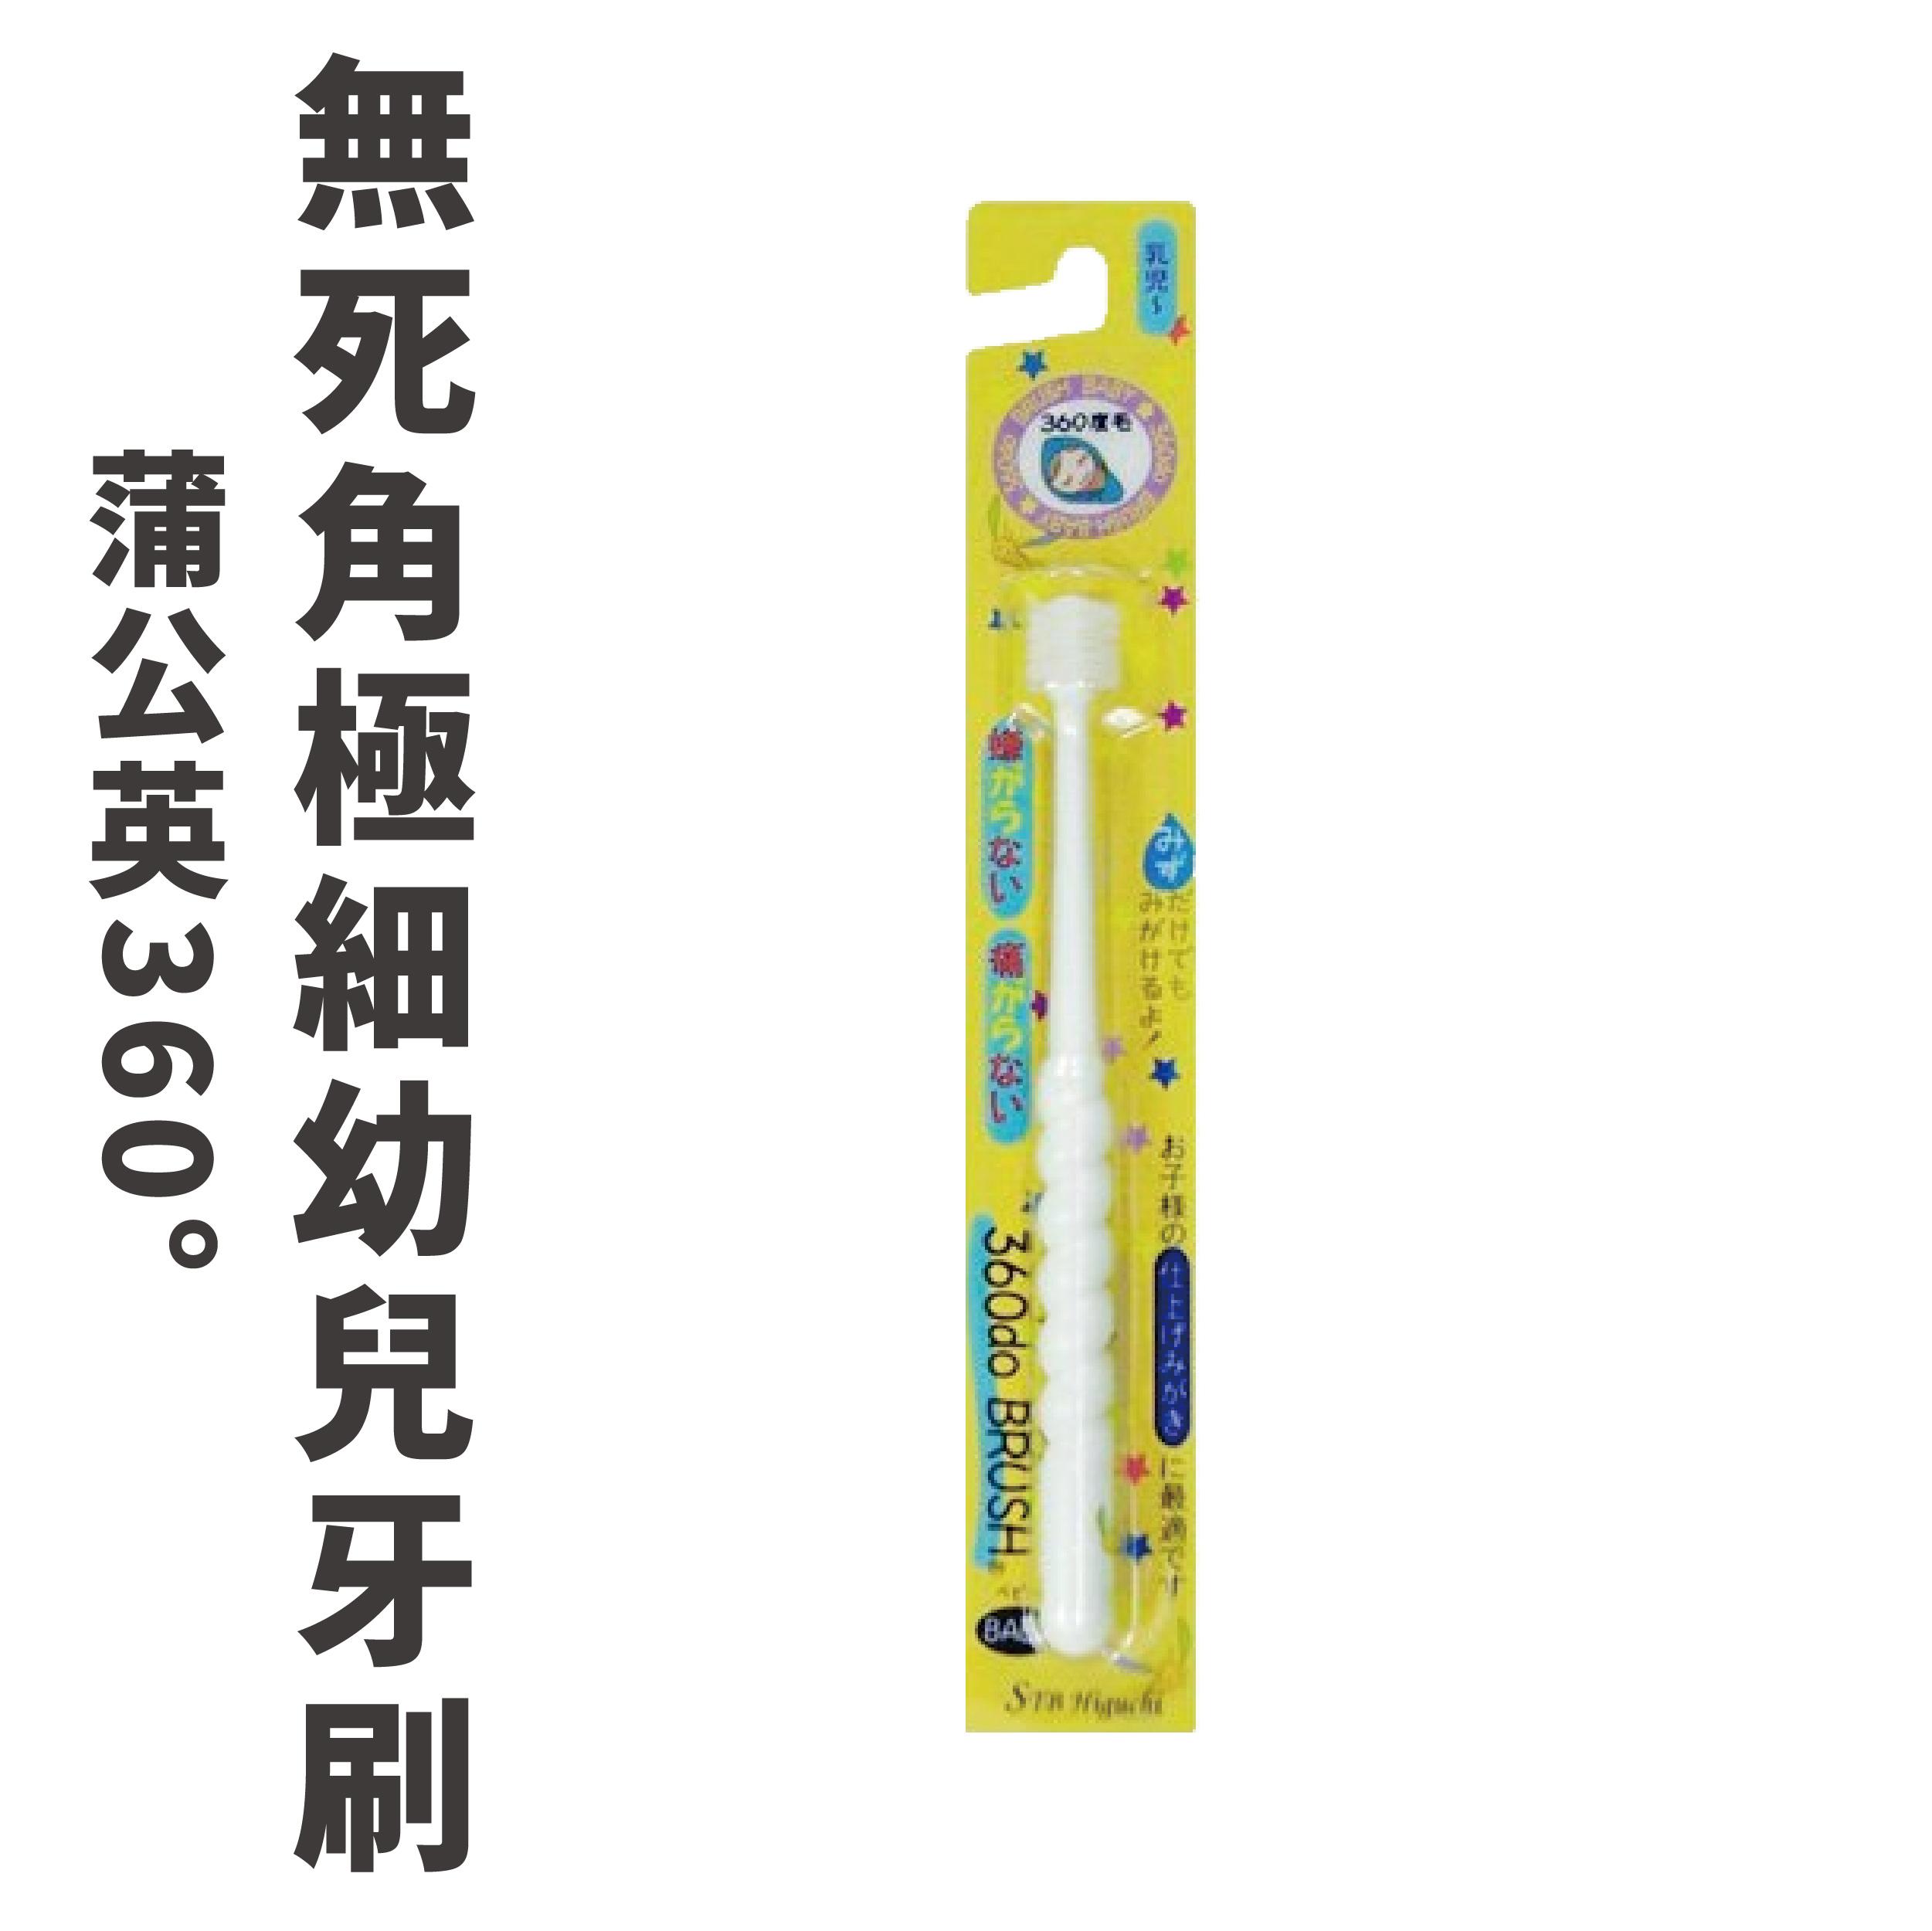 日本品牌【STB Higuchi】蒲公英360°無死角極細幼兒牙刷